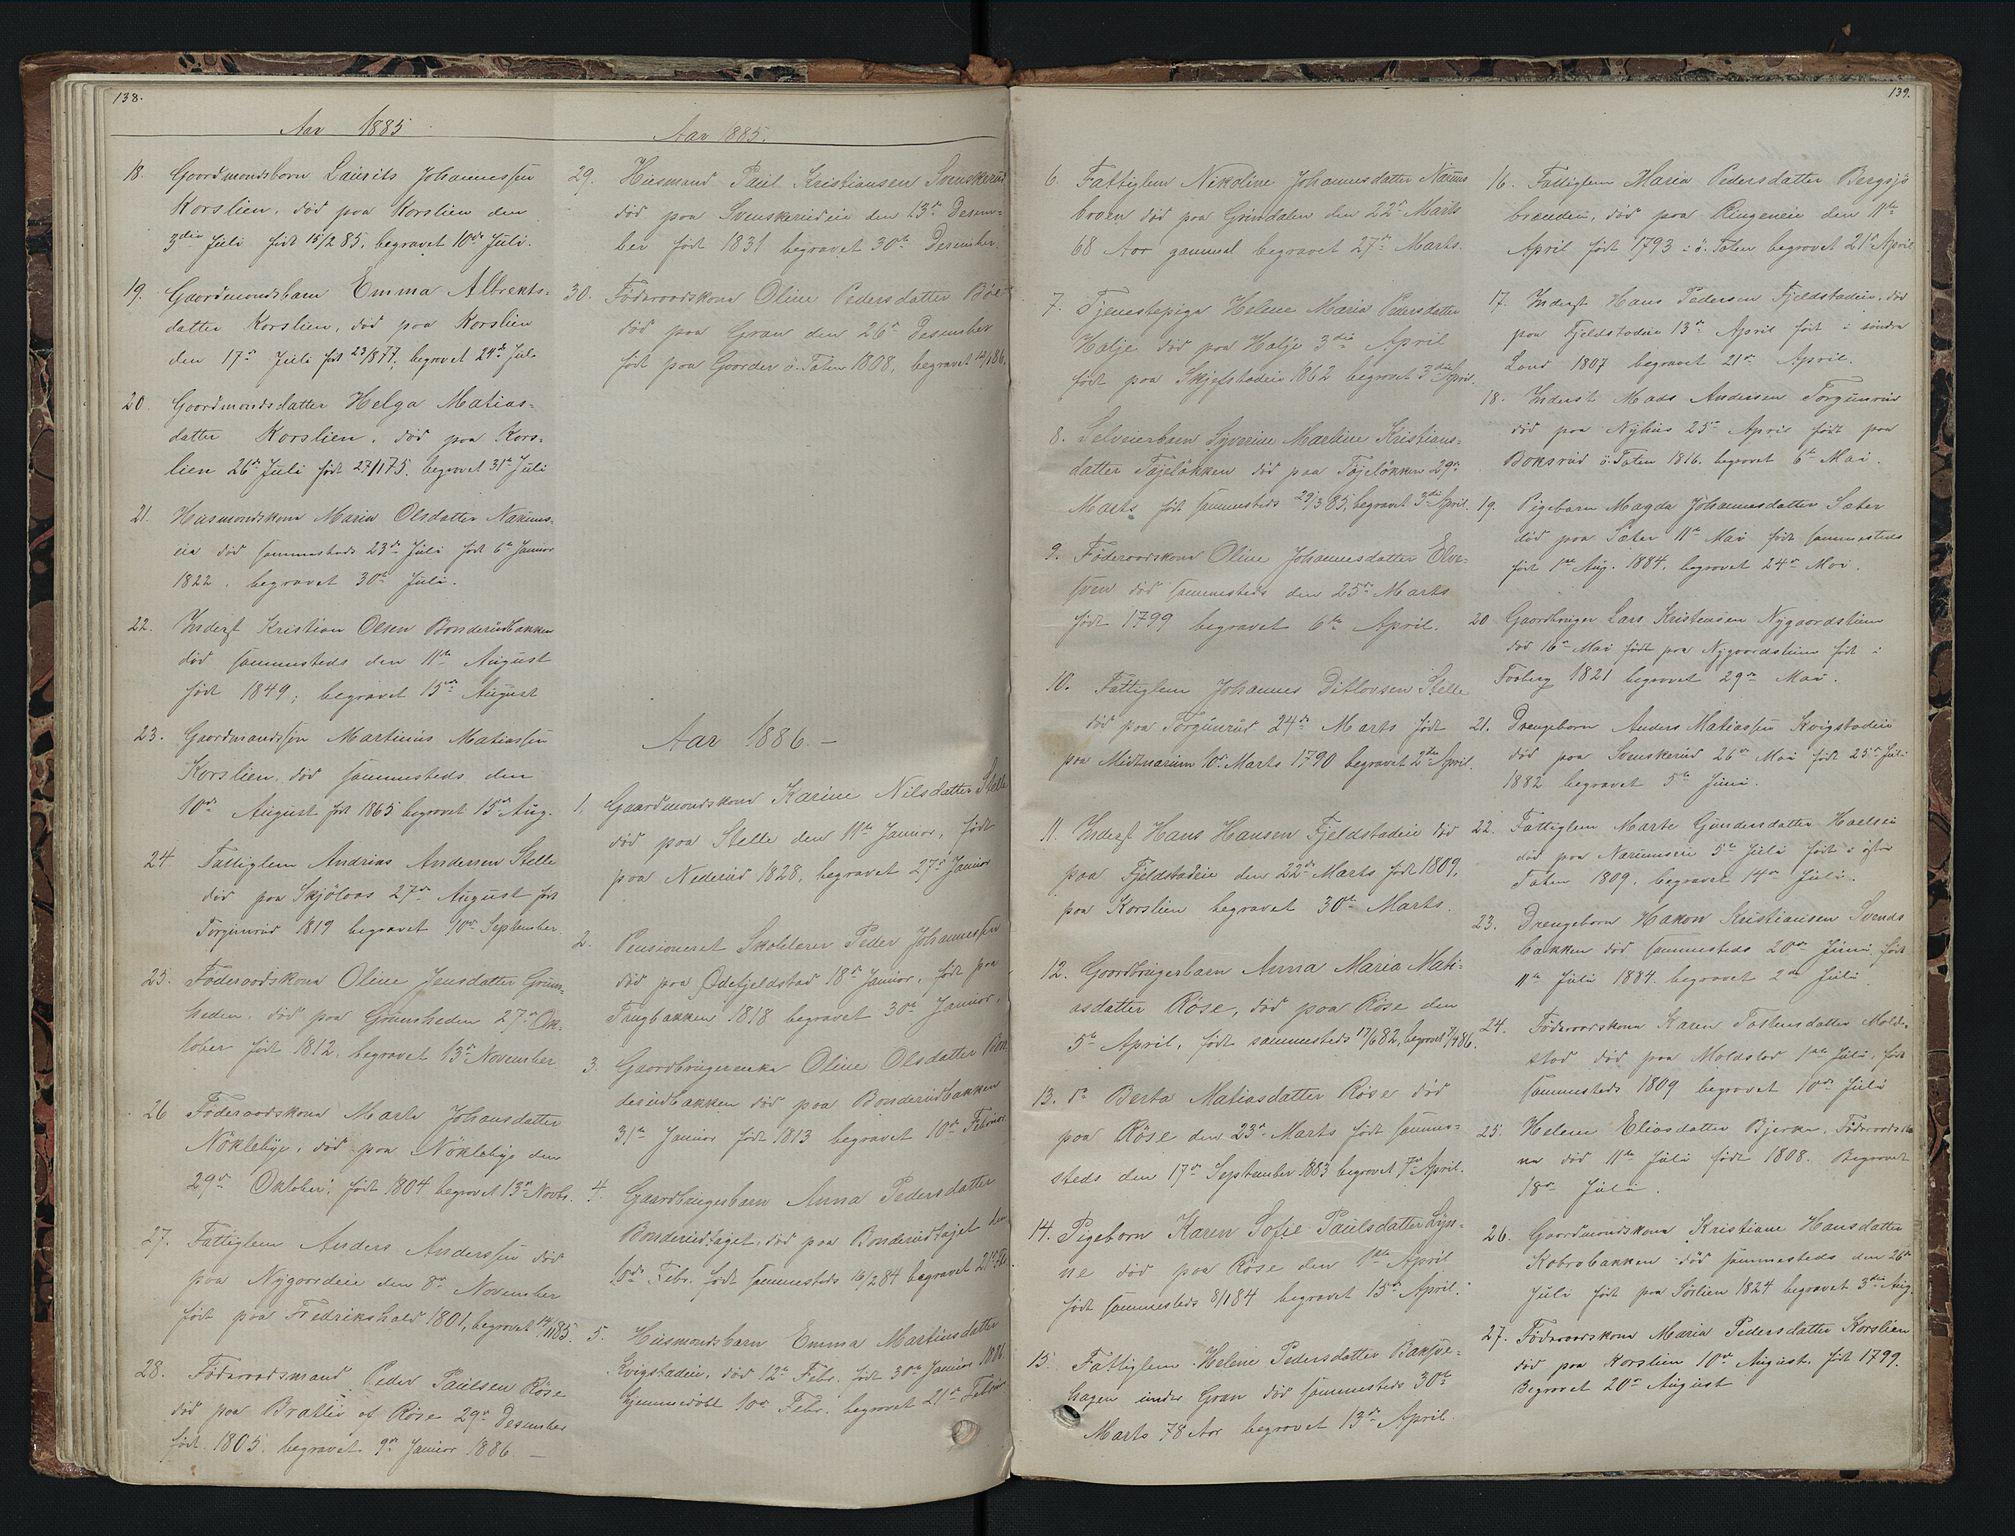 SAH, Vestre Toten prestekontor, Klokkerbok nr. 7, 1872-1900, s. 138-139